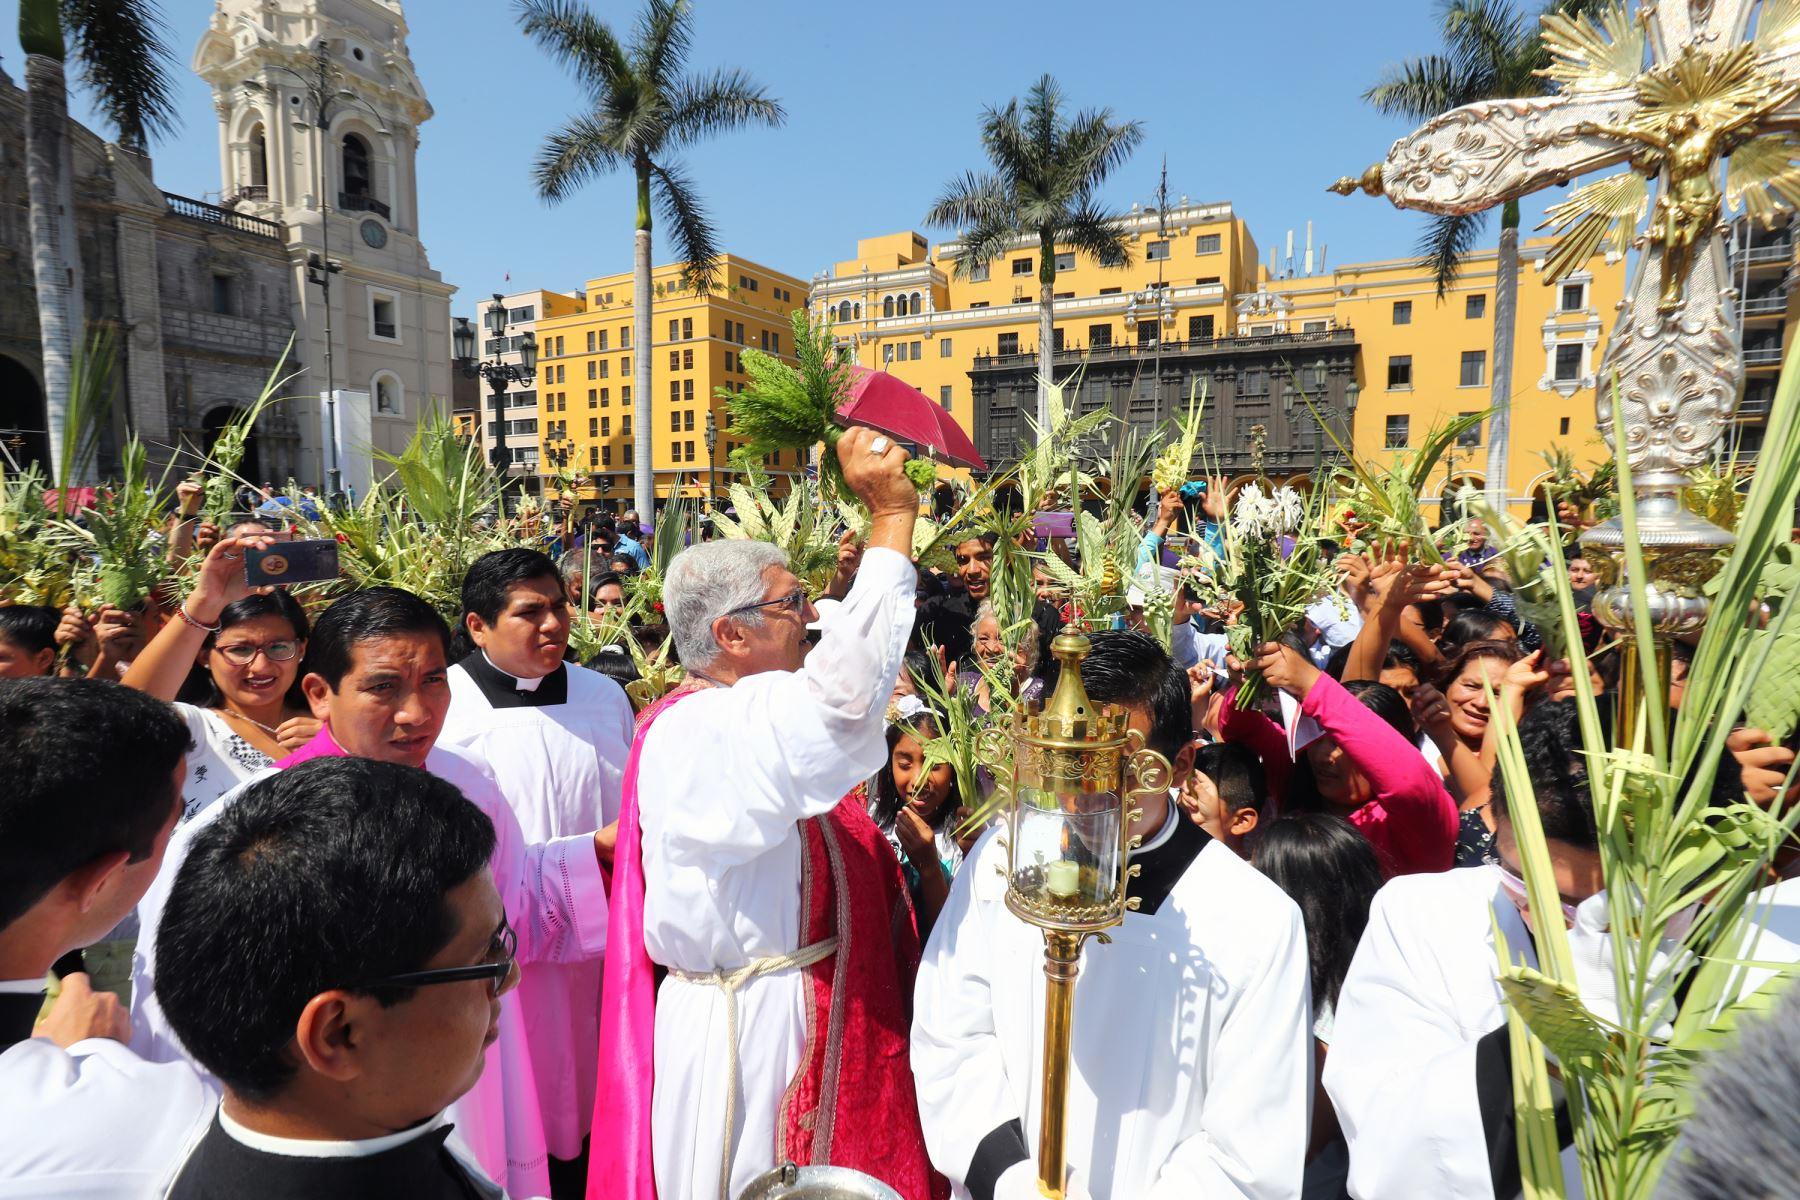 Arzobispo de Lima , Carlos Castillo y  devotos cristianos participan en la celebración del Domingo de Ramos en la Catedral de Lima. Foto: ANDINA/Norman Córdova